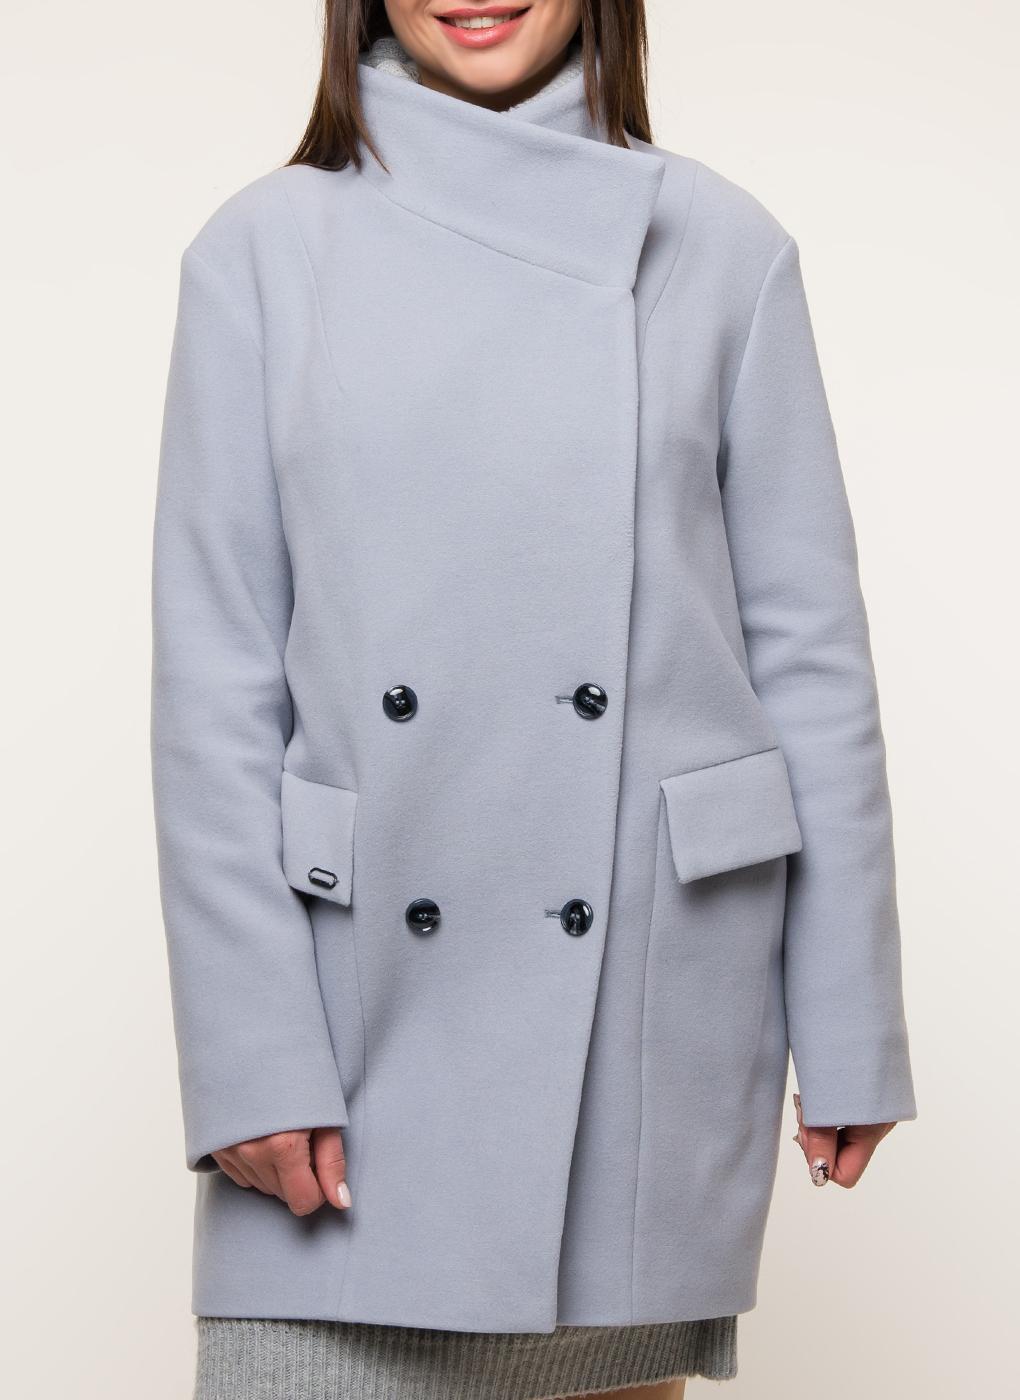 Пальто кокон полушерстяное 11, ElectraStyle фото